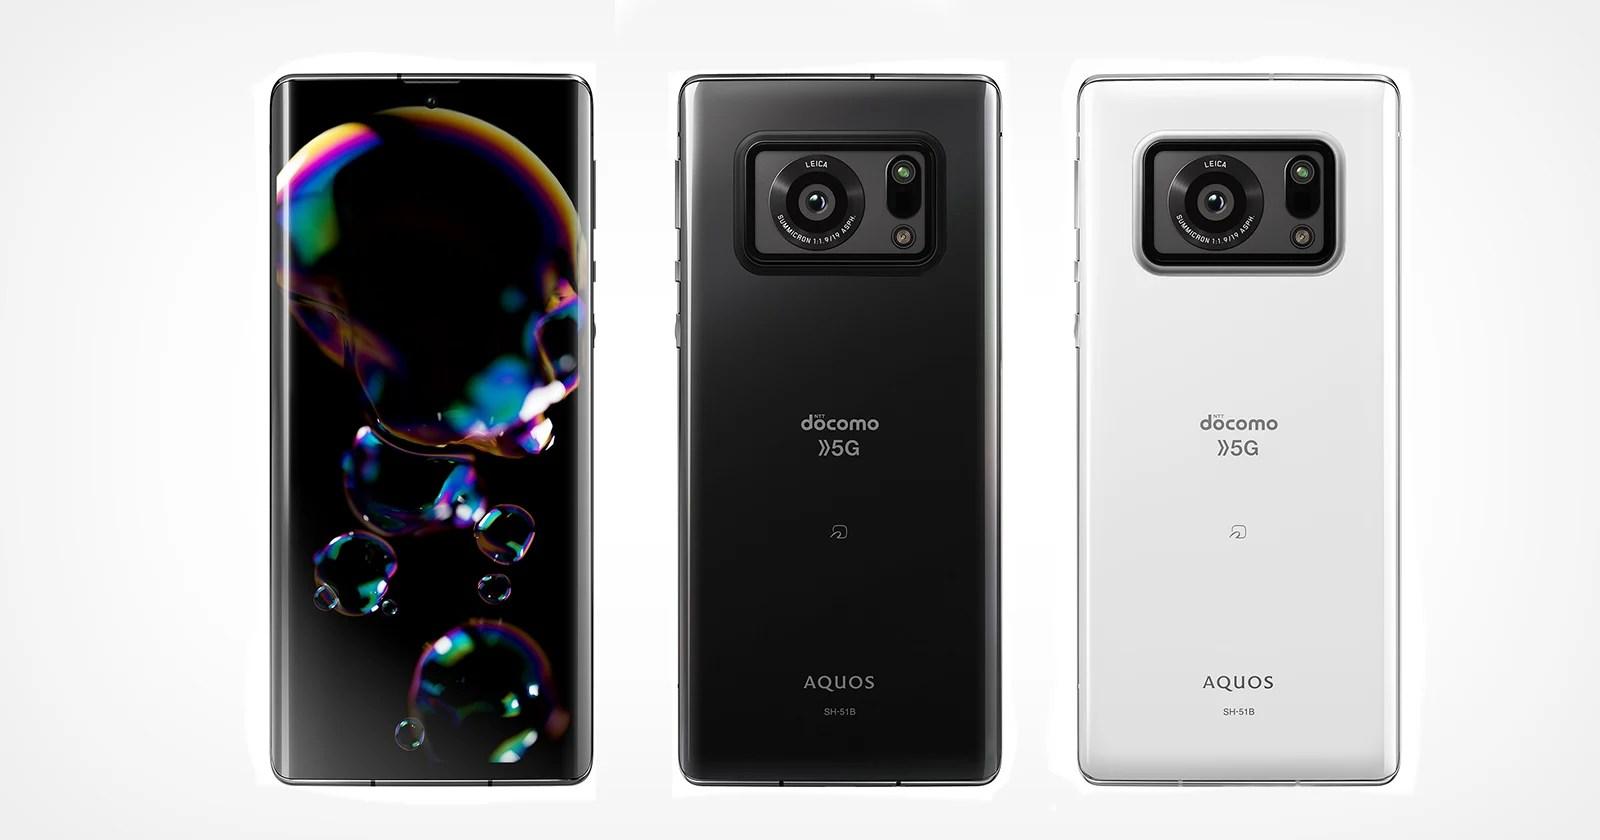 Il telefono Aquos R6 di Sharp con marchio Leica racchiude un enorme sensore da 1 pollice